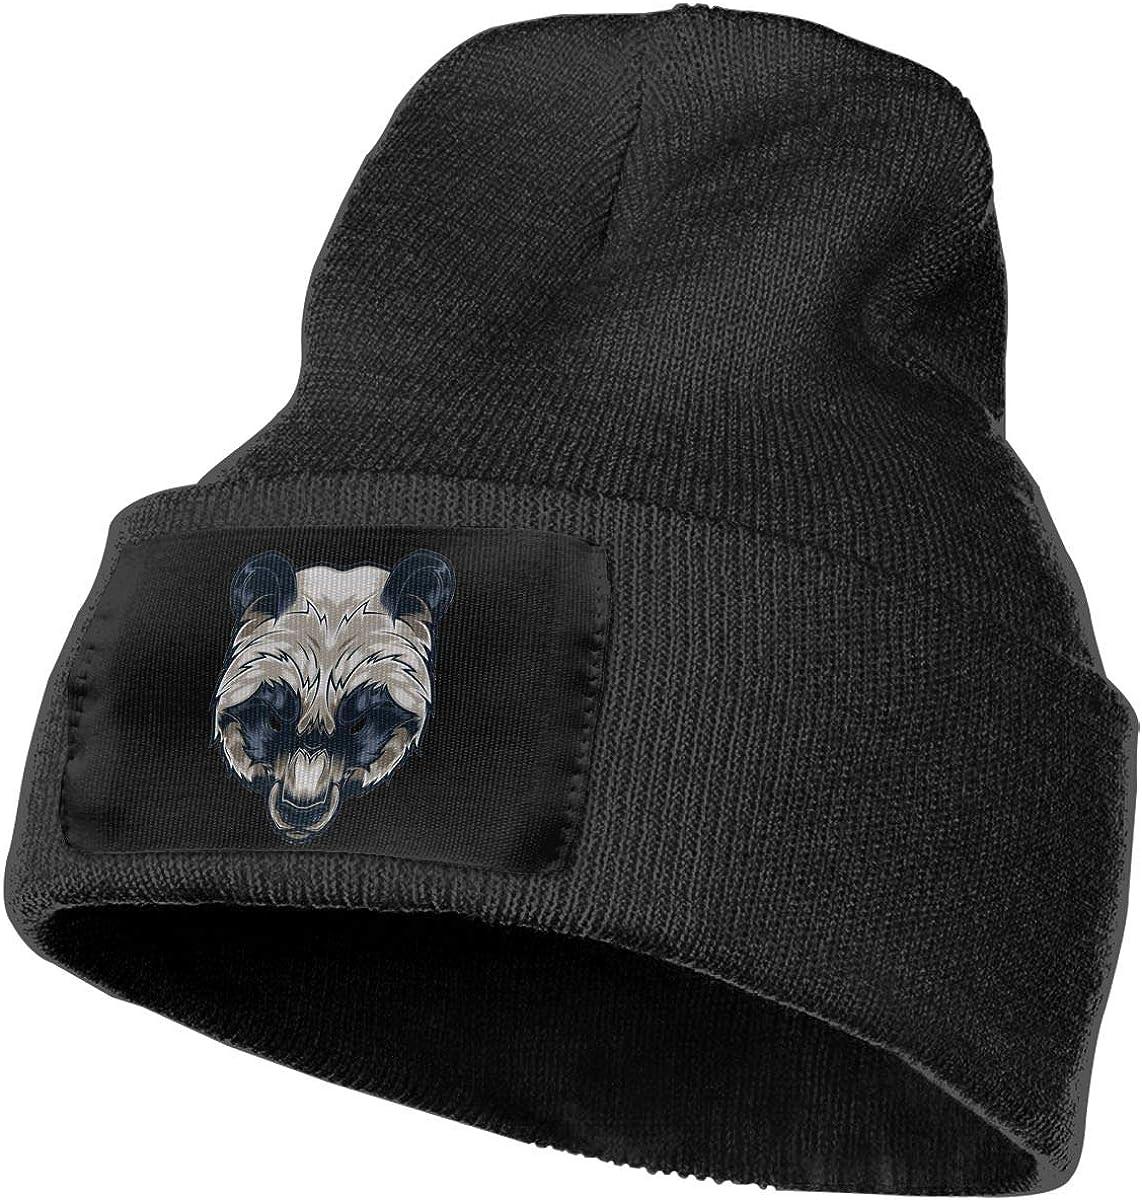 SLADDD1 Bear Warm Winter Hat Knit Beanie Skull Cap Cuff Beanie Hat Winter Hats for Men /& Women